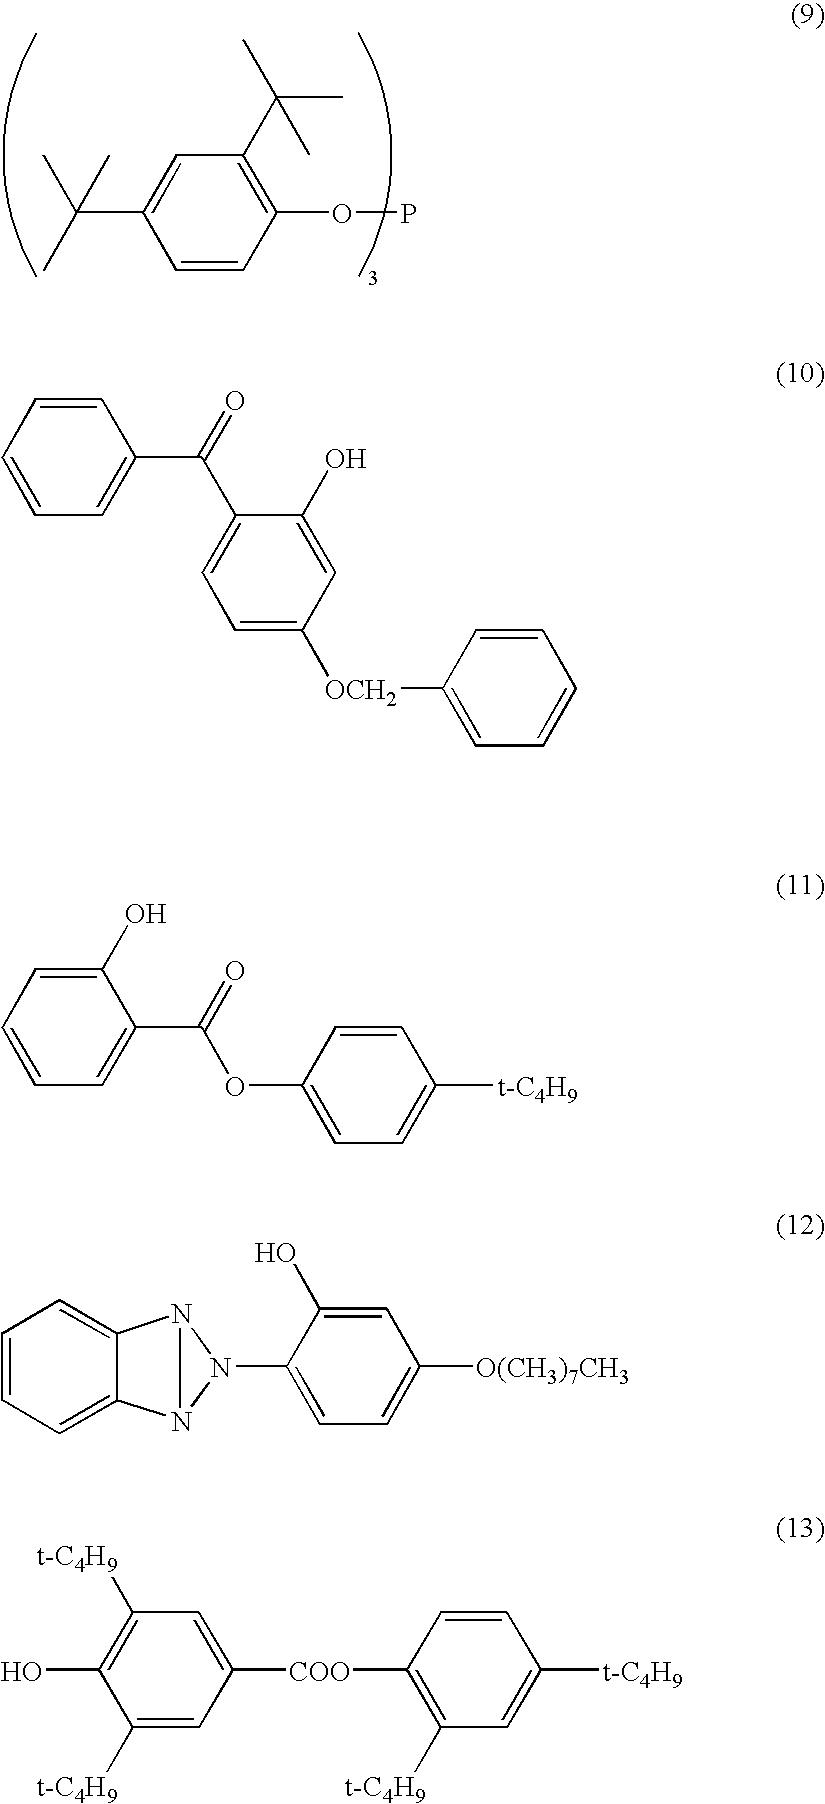 Figure US20050191446A1-20050901-C00011